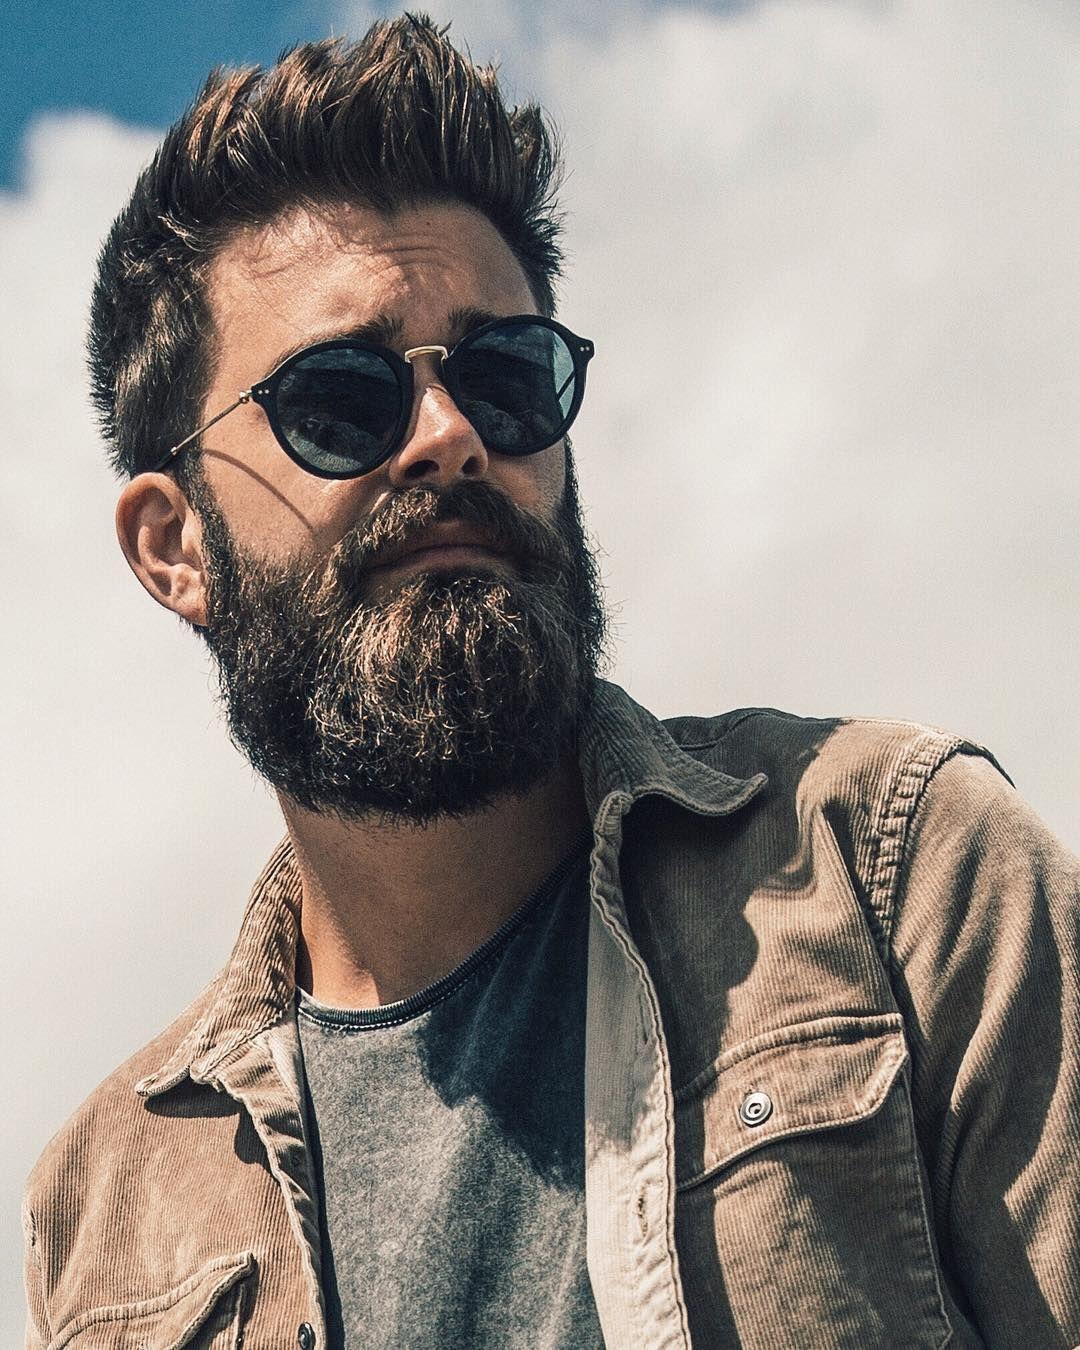 beard and shades. slackerblack